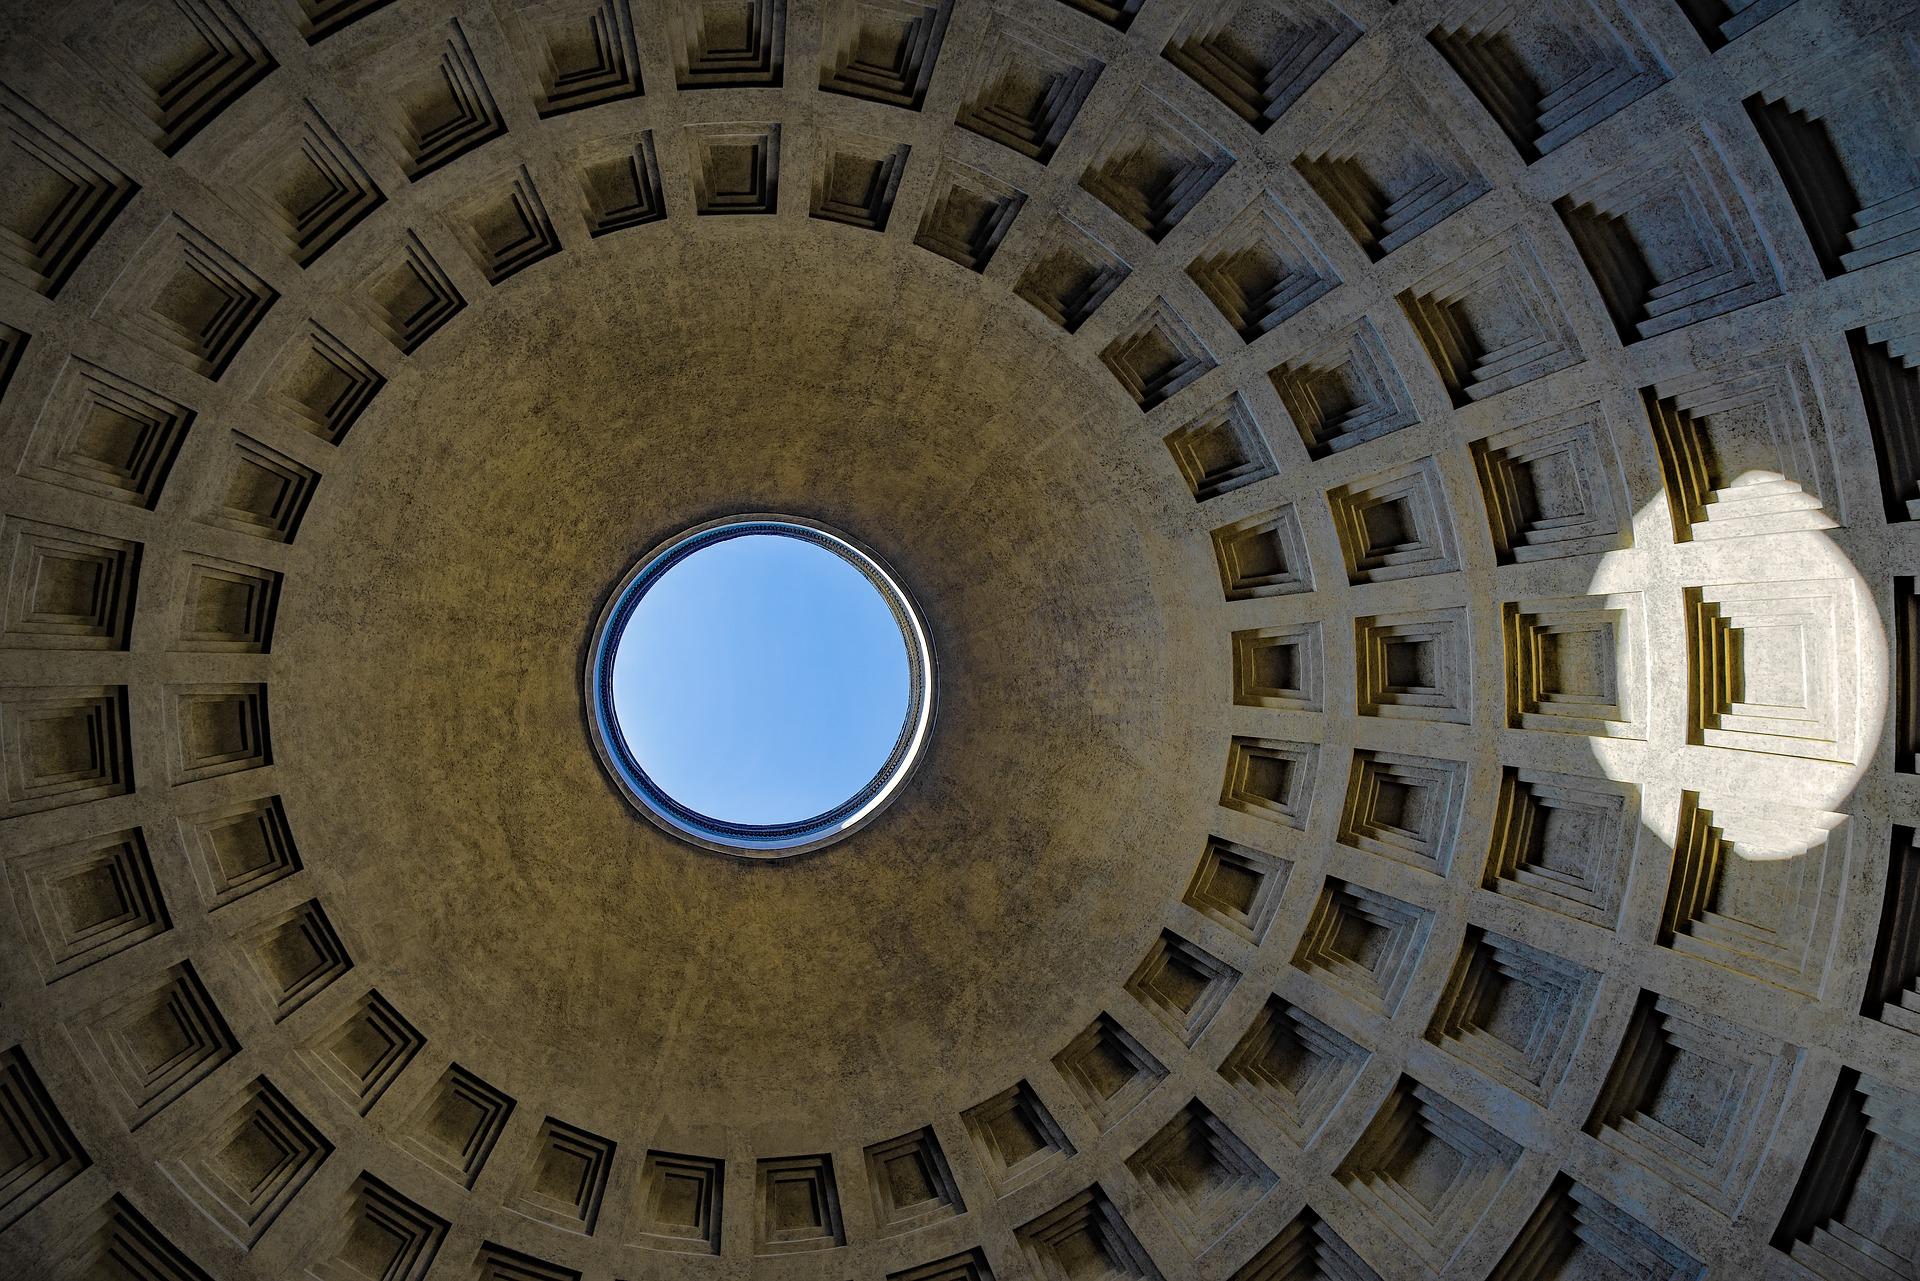 Blick in die Rotunde des Pantheons. Quelle: pixabay/djedj. CCO.